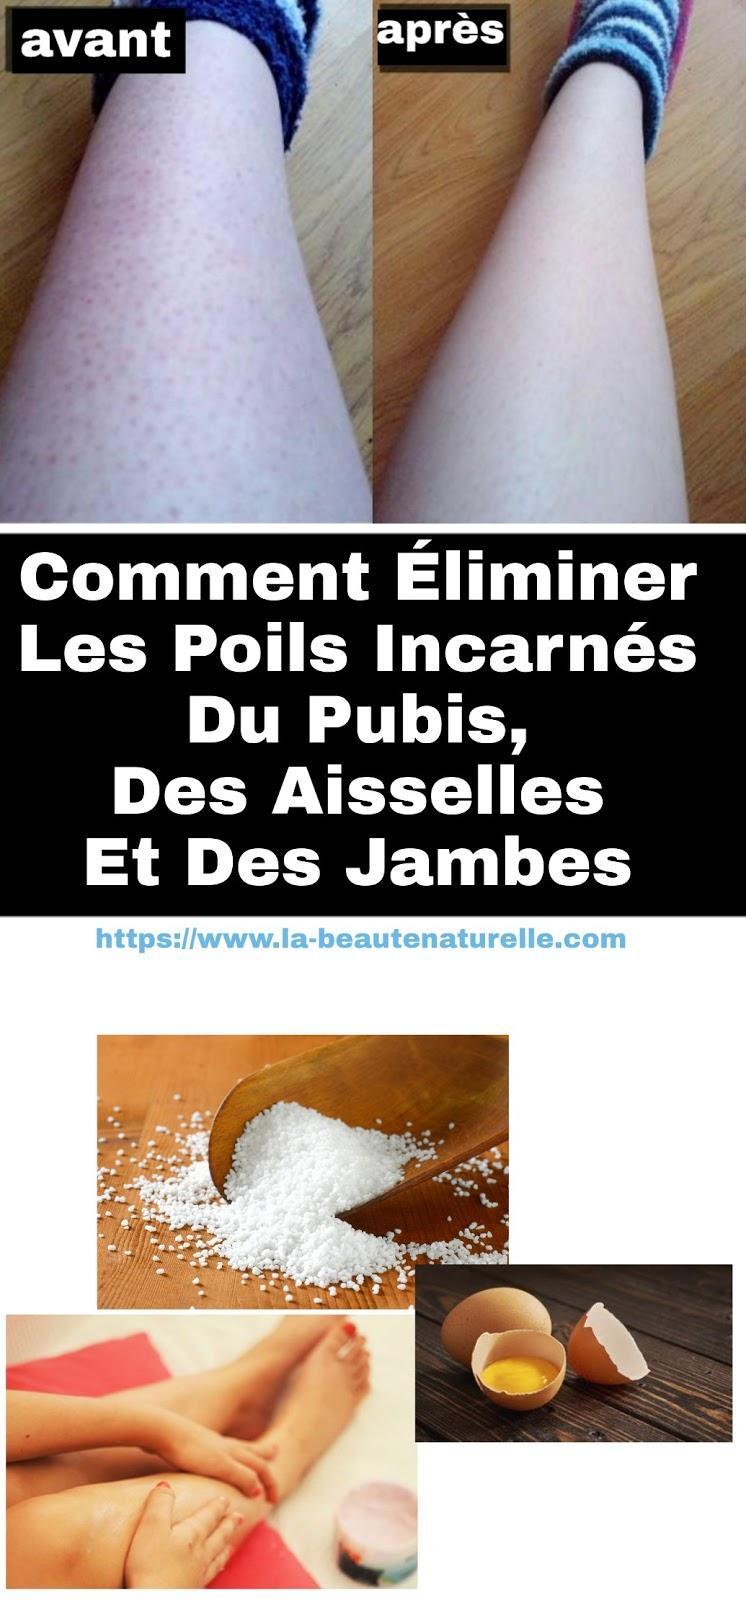 Comment Éliminer Les Poils Incarnés Du Pubis, Des Aisselles Et Des Jambes